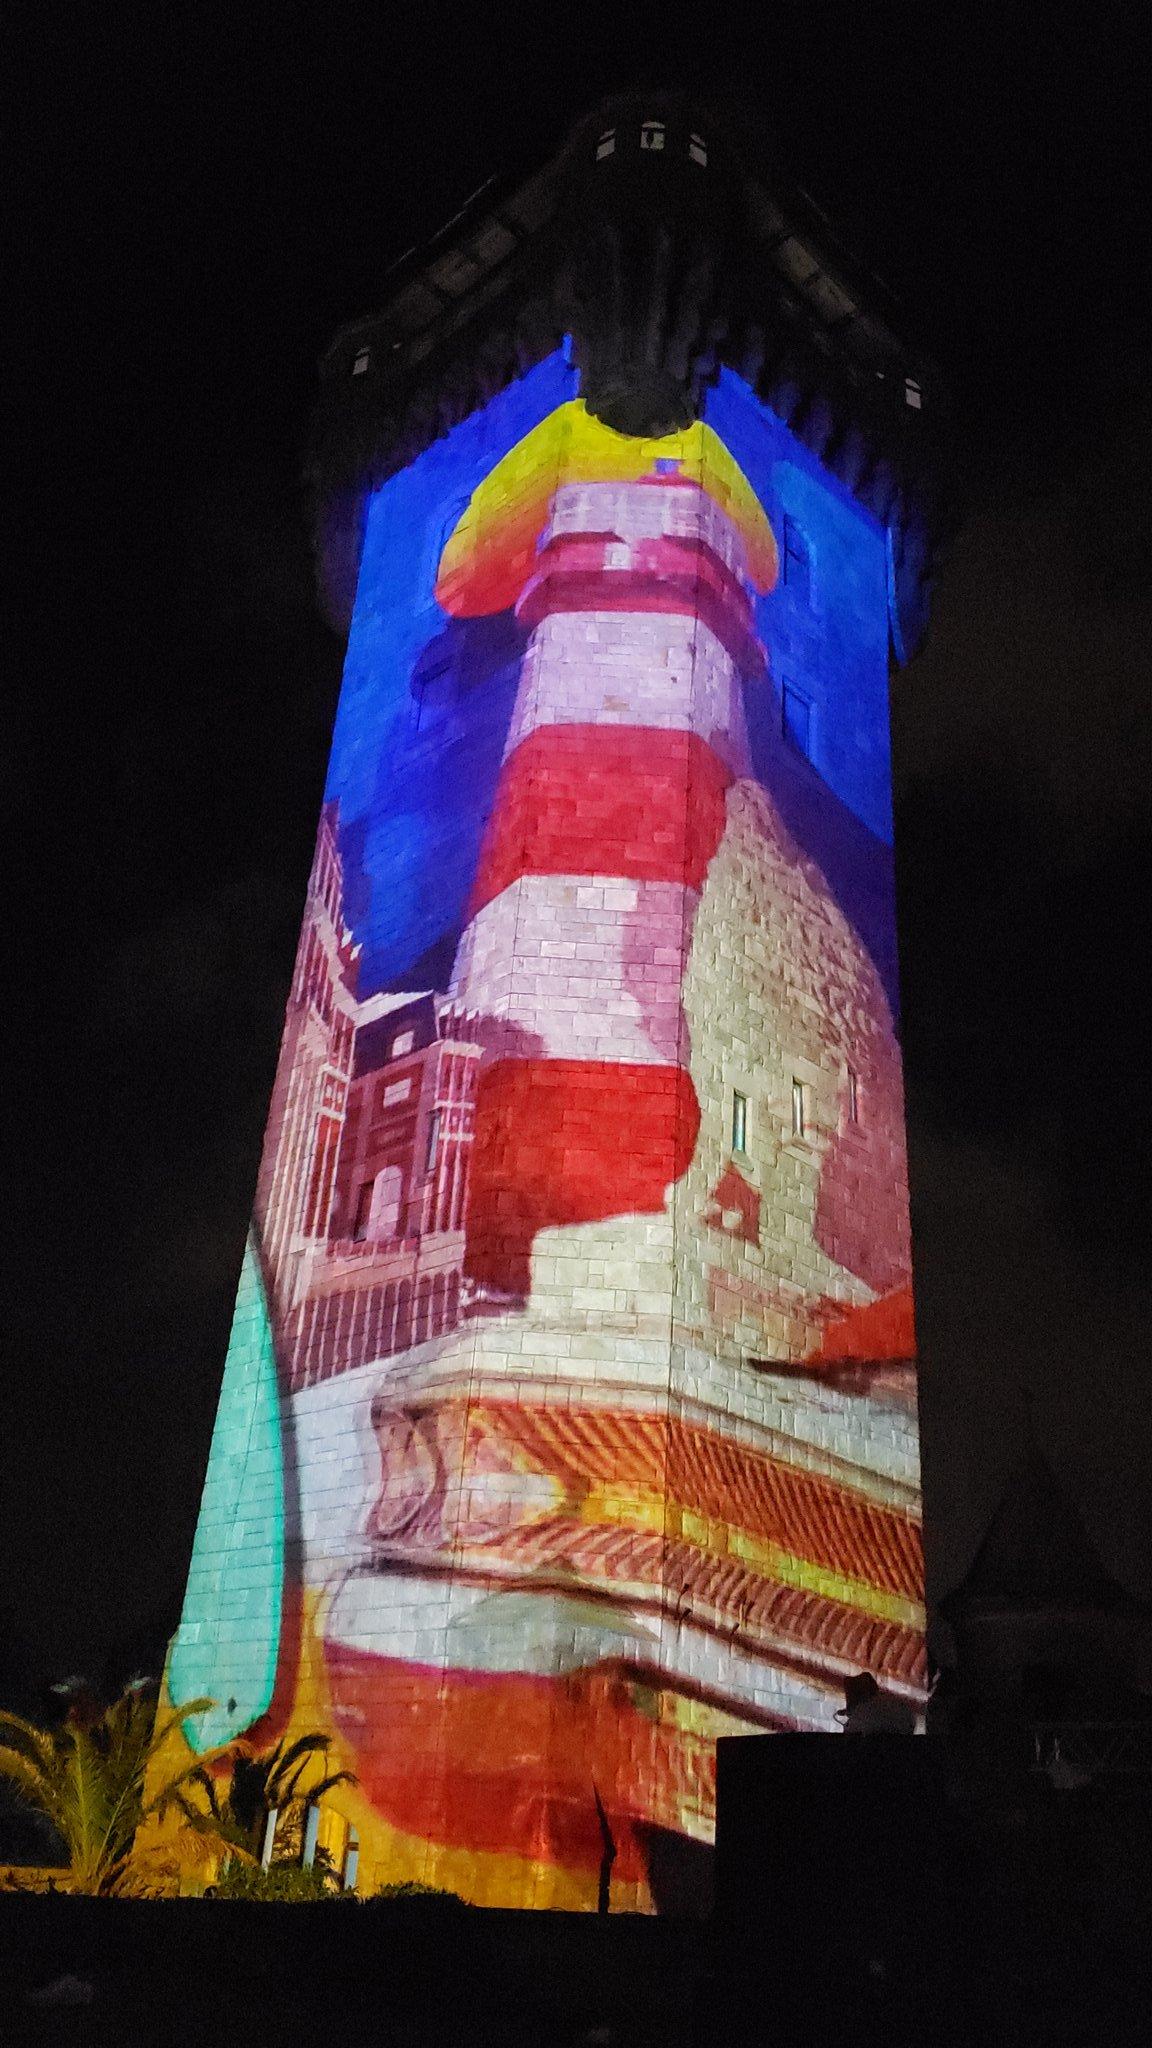 Espectacular show de luces y sonido en la Torre Tanque